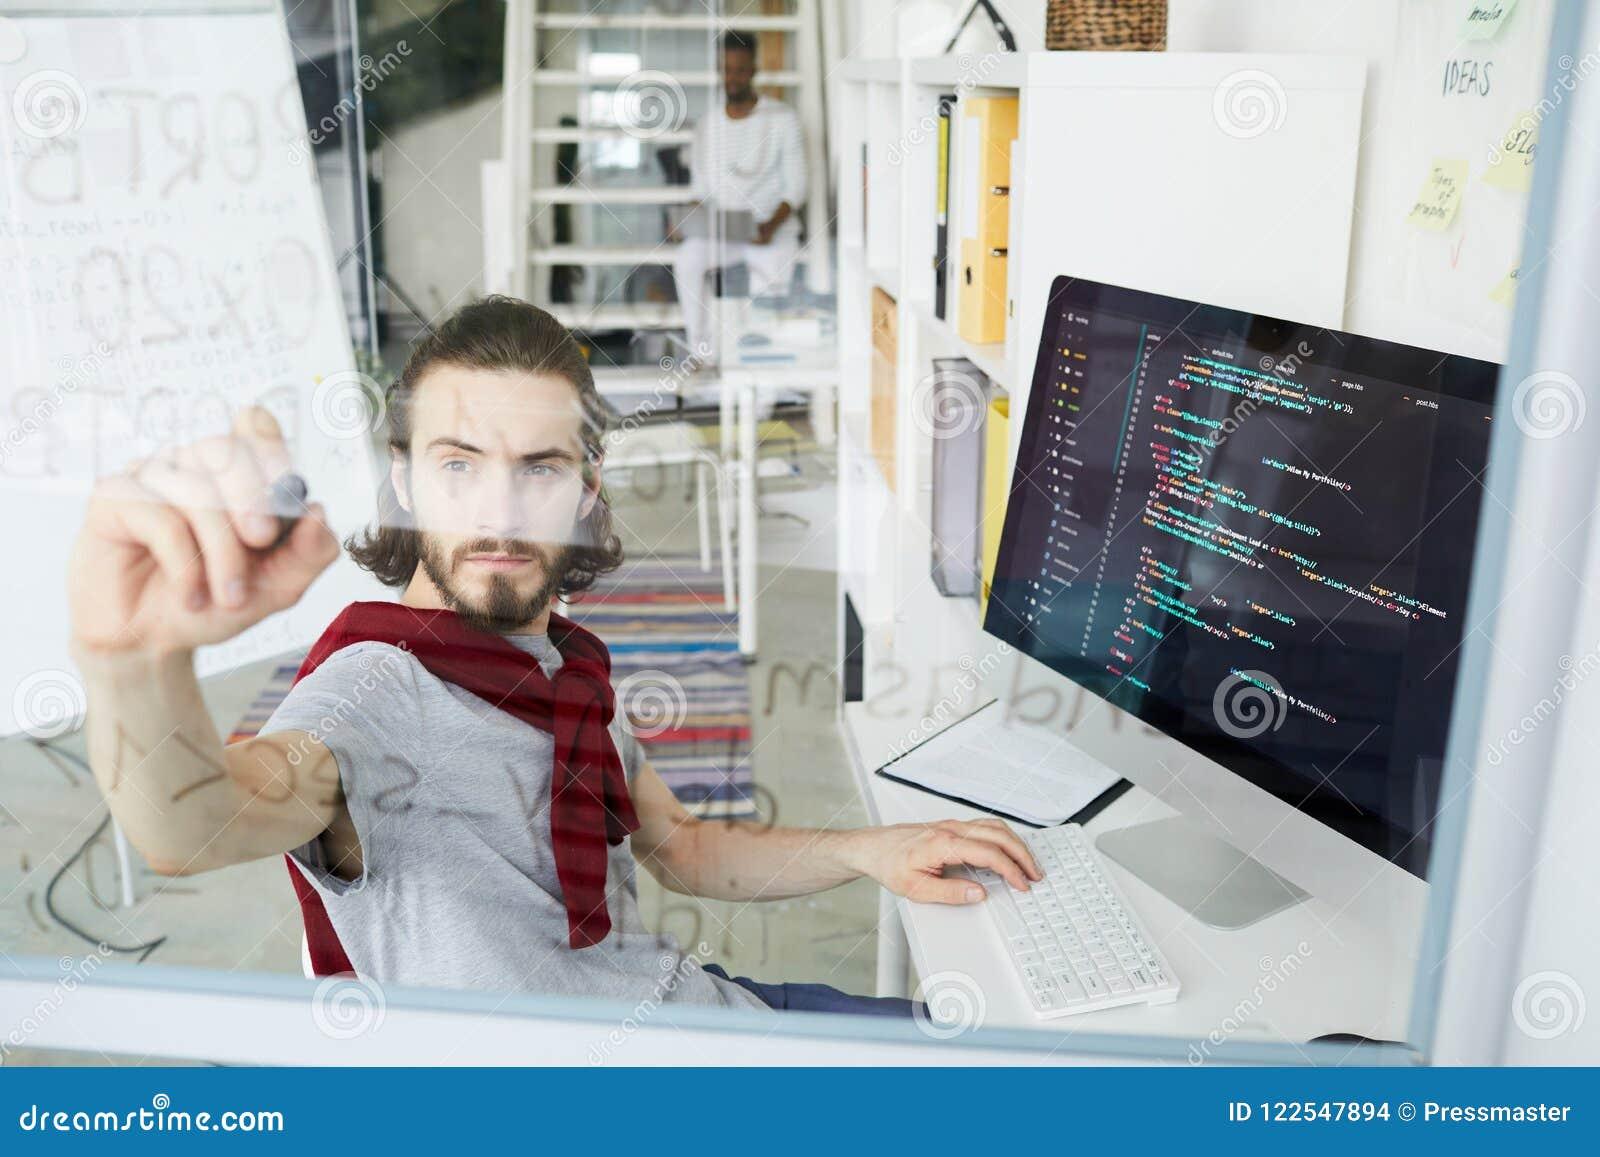 Δημιουργικός κωδικοποιητής hipster που εργάζεται με τη γλώσσα προγραμματισμού